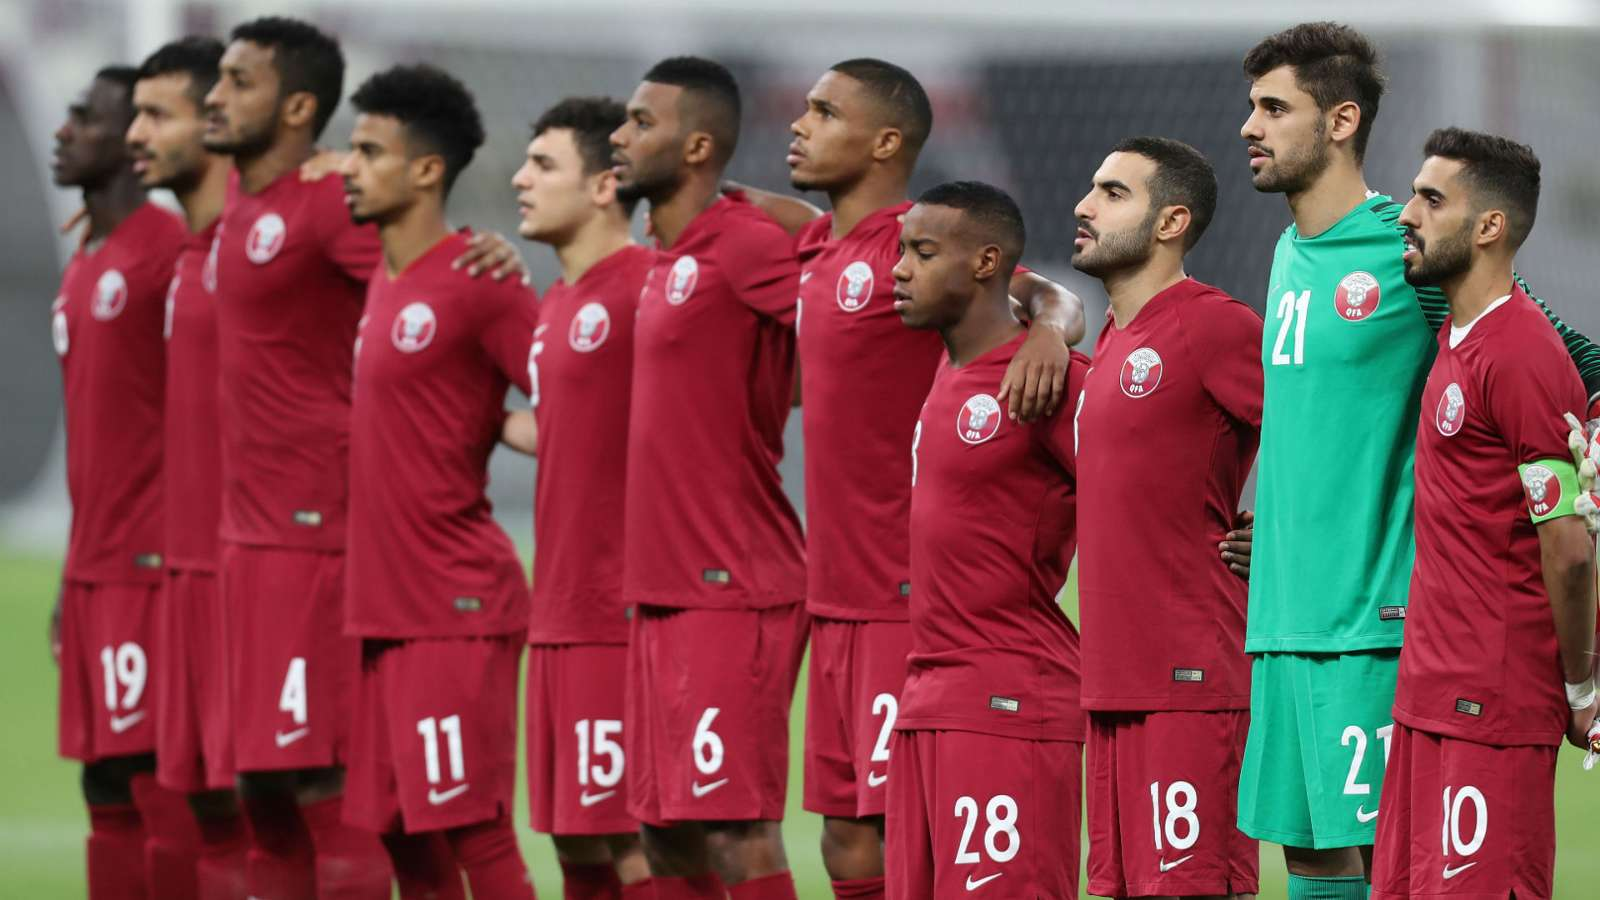 قطر تُقصي العراق وتحجز مقعدها في ربع نهائي كأس آسيا